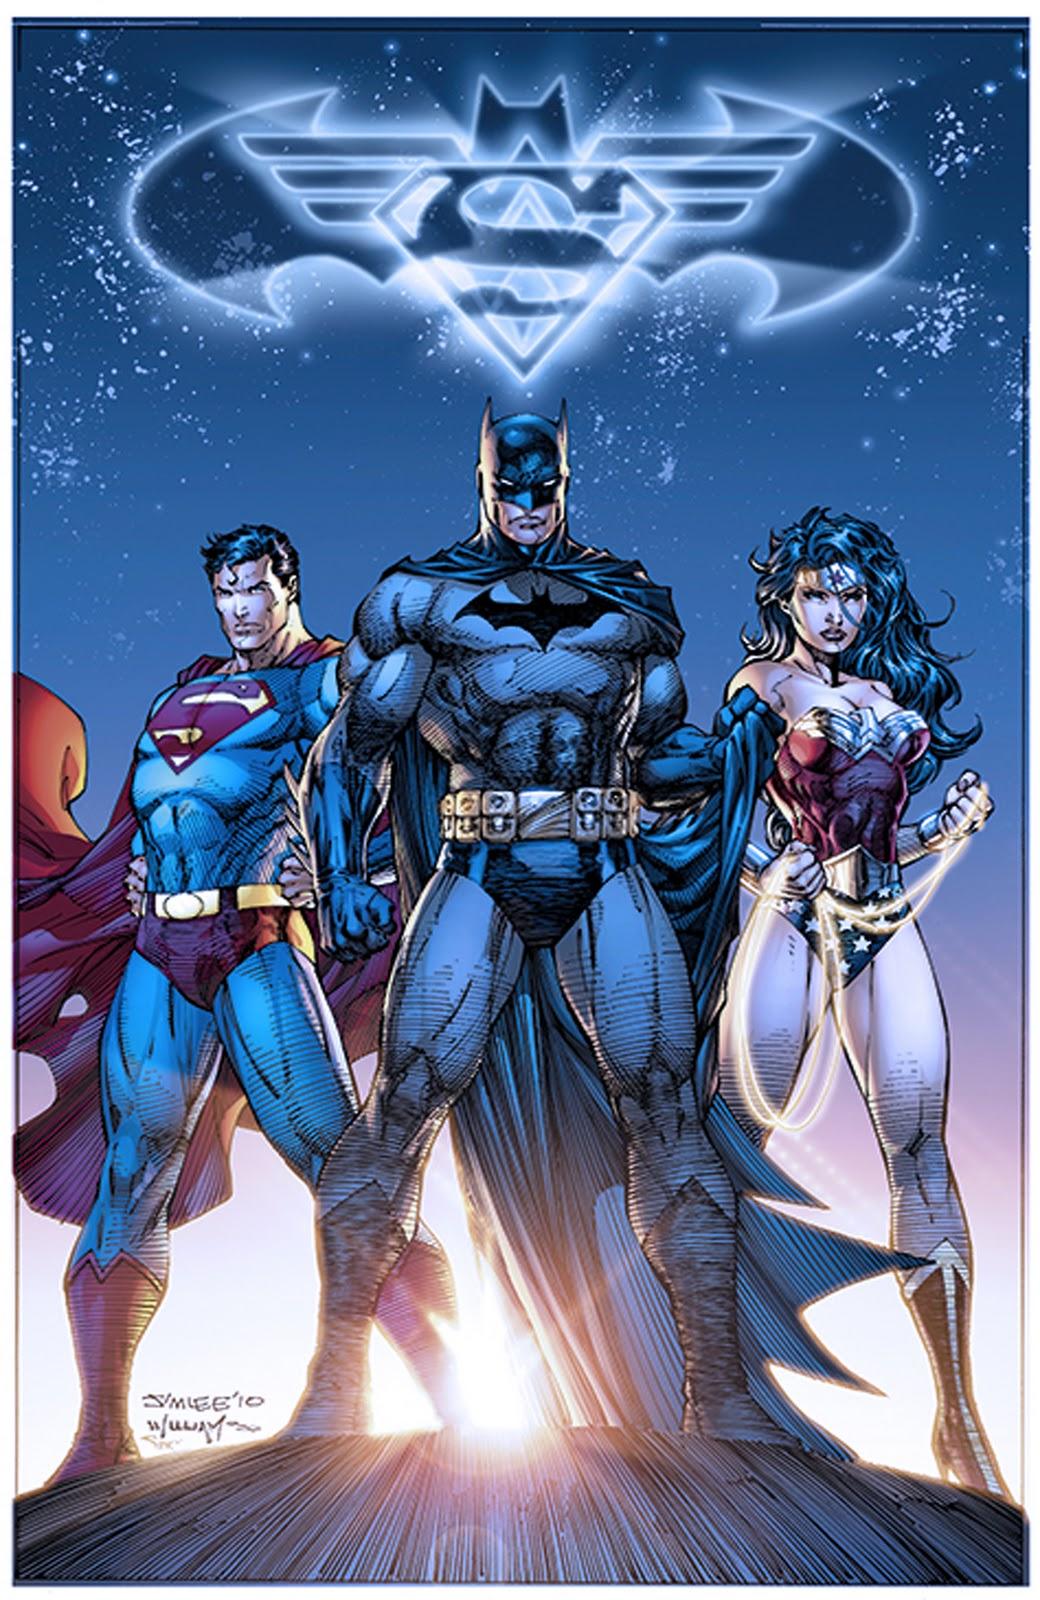 DC New 52 Wallpaper - WallpaperSafari